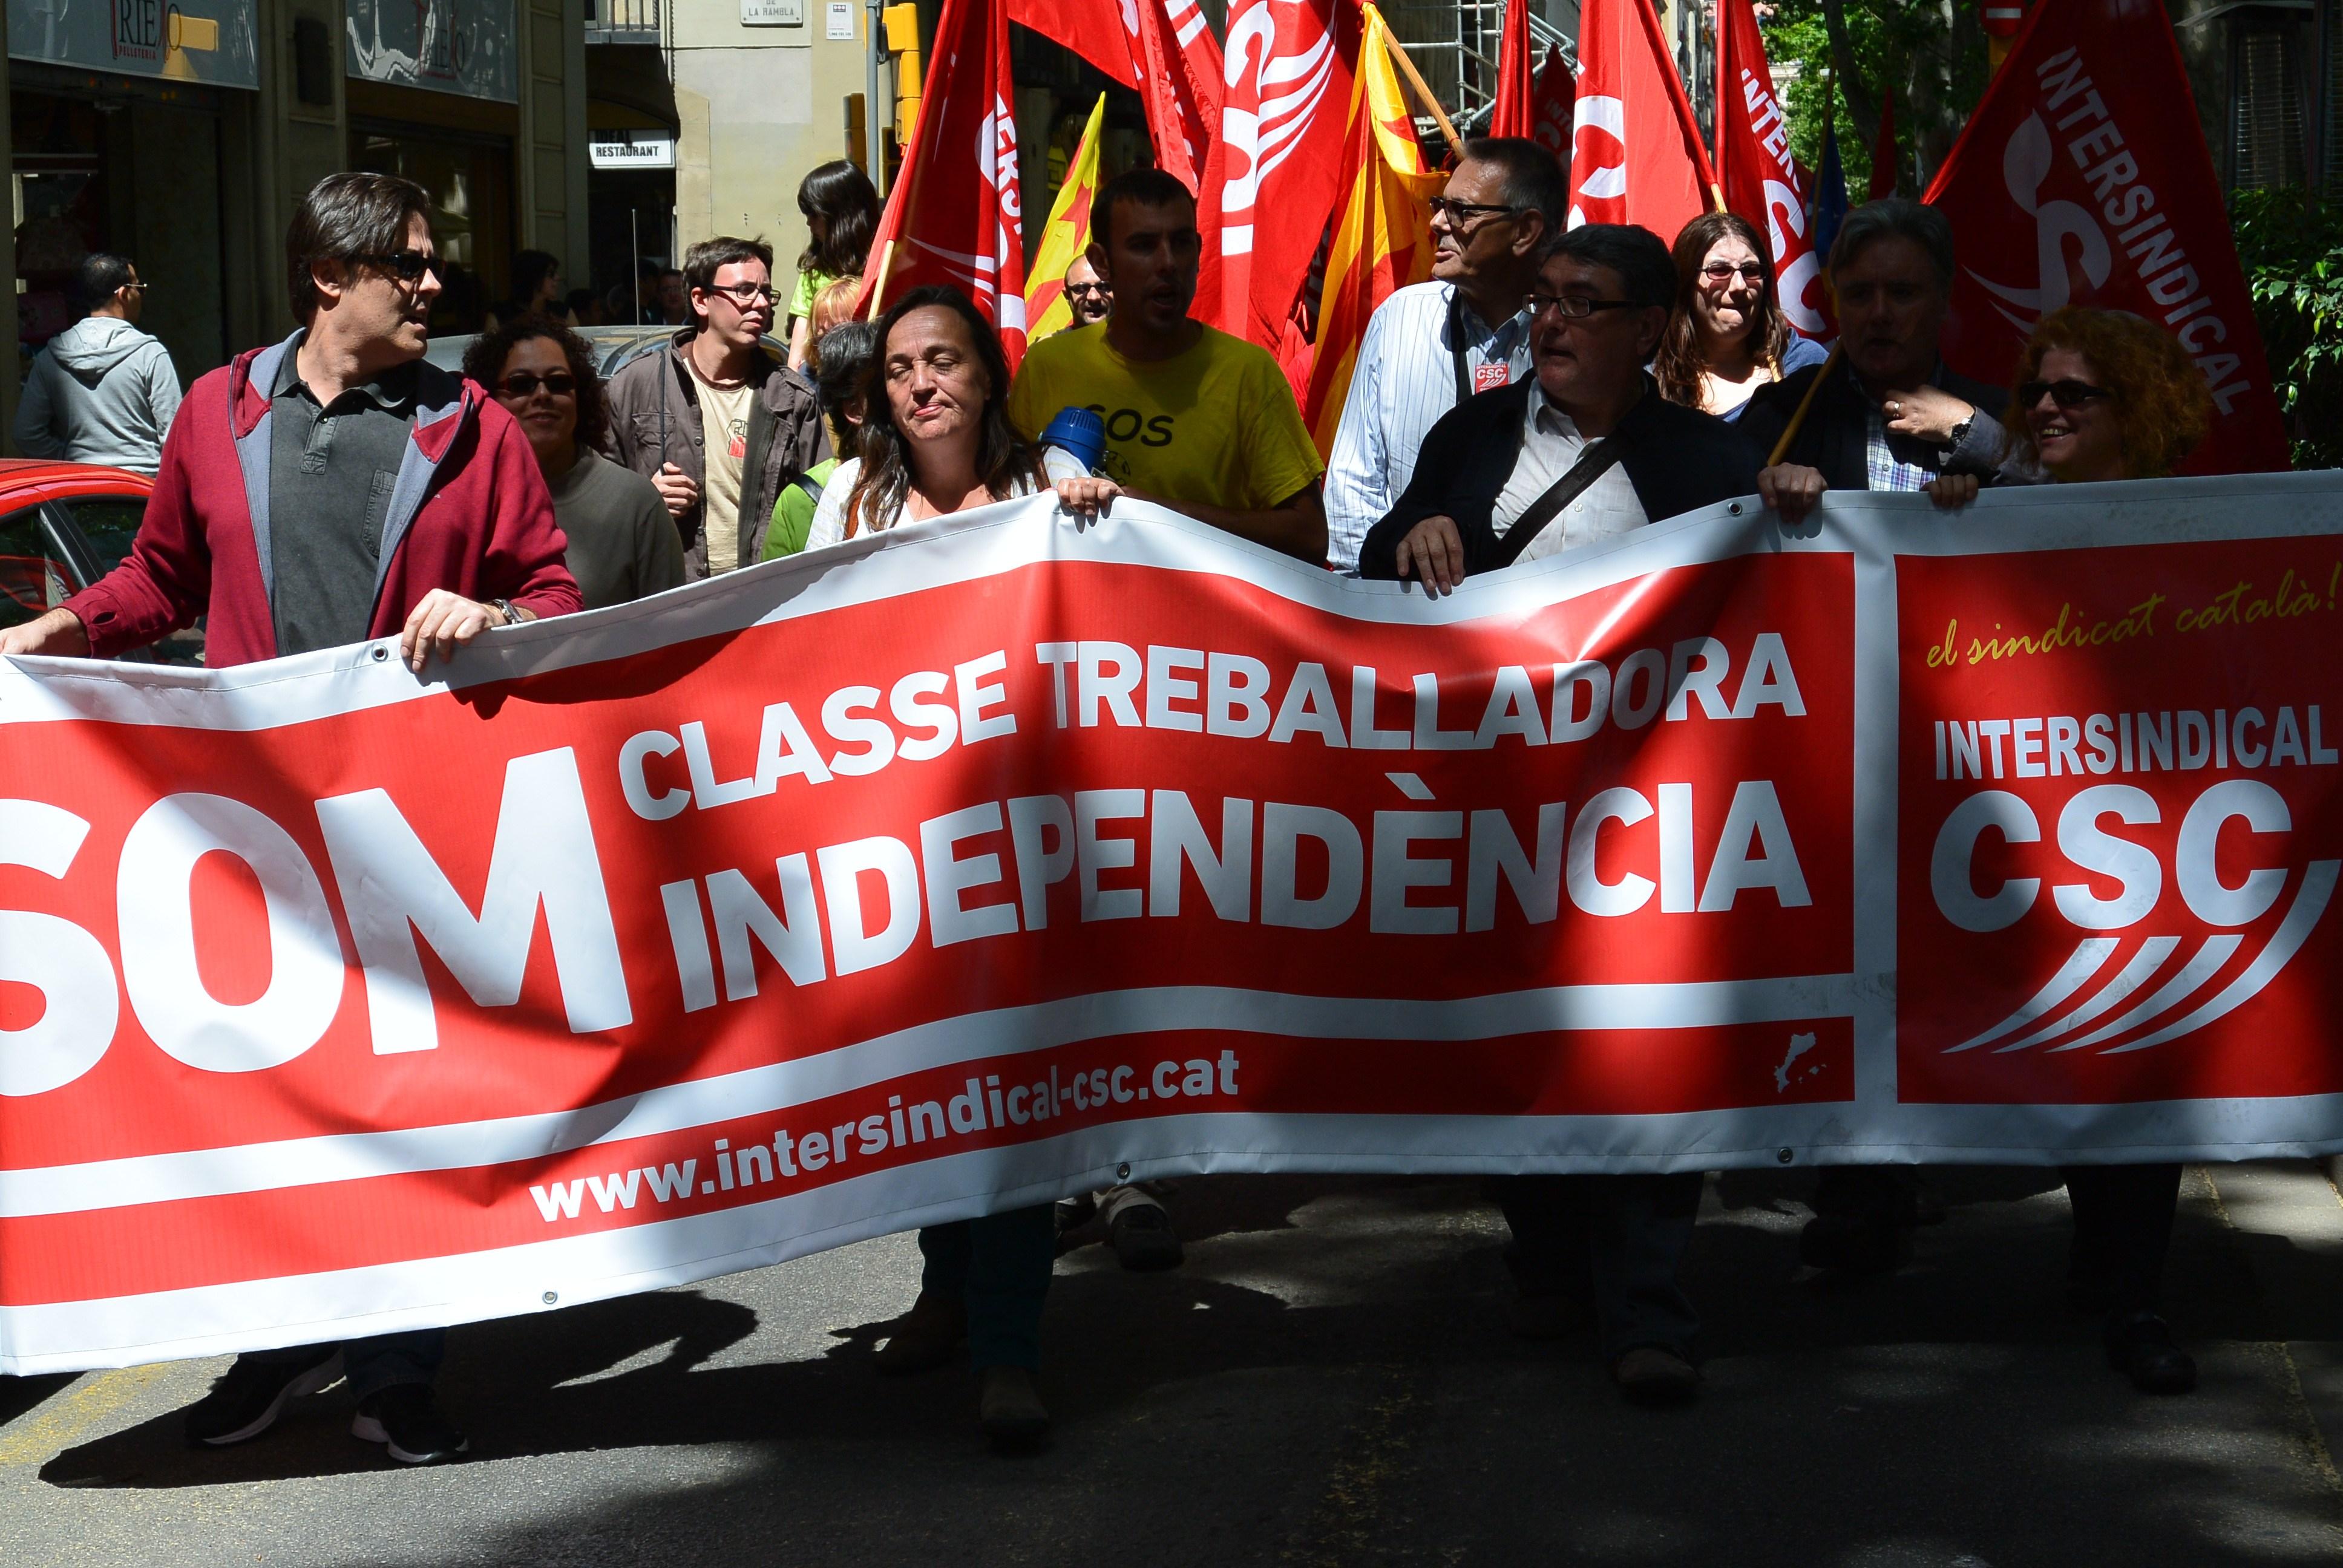 Percée de l'Intersindical-CSC (membre de la FSM) aux élections dans l'Education publique catalane